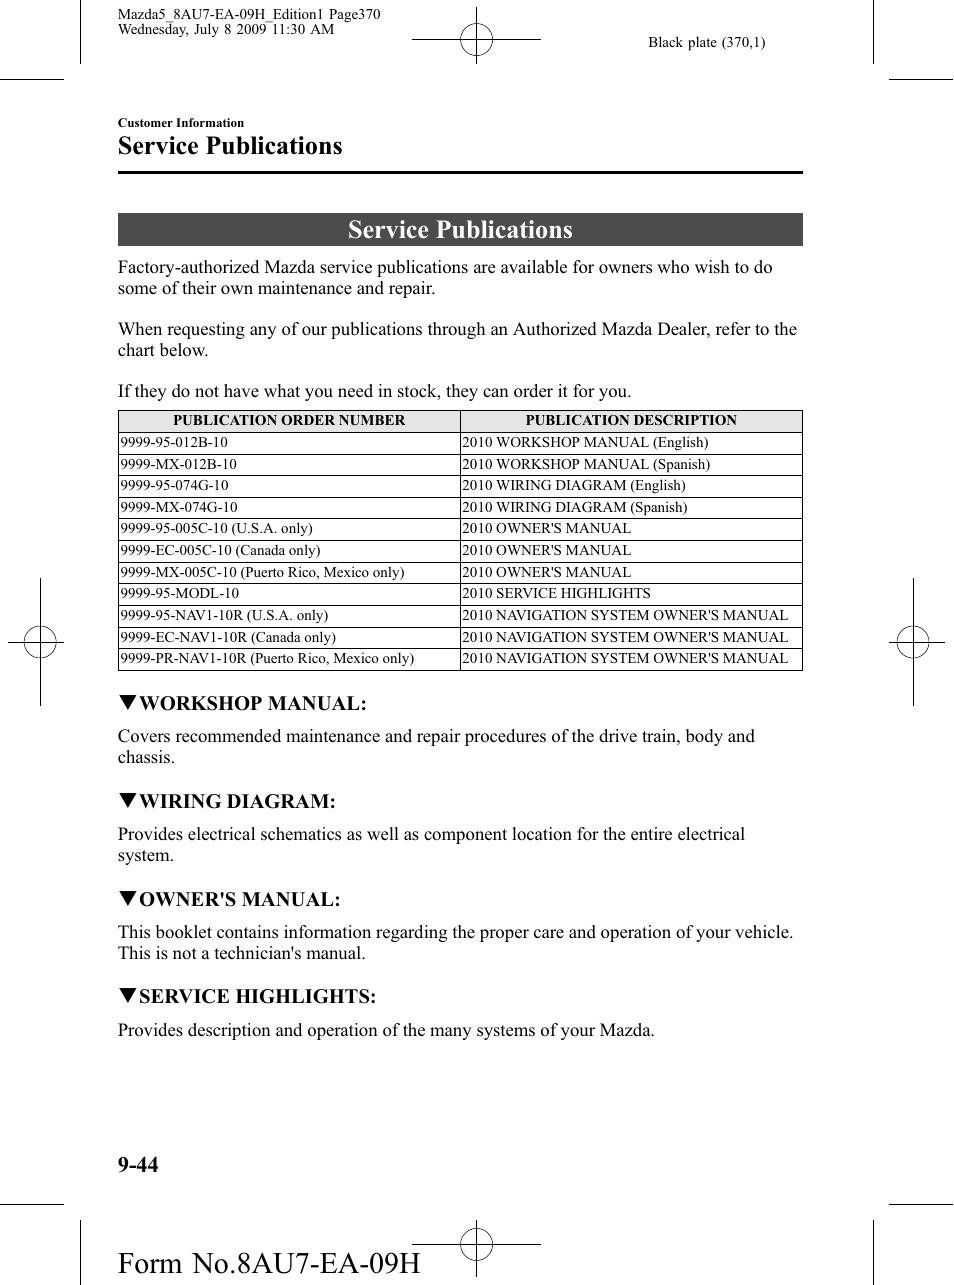 Service publications, Service publications -44, Form no.8au7-ea-09h | Mazda  2010 5 User Manual | Page 370 / 388